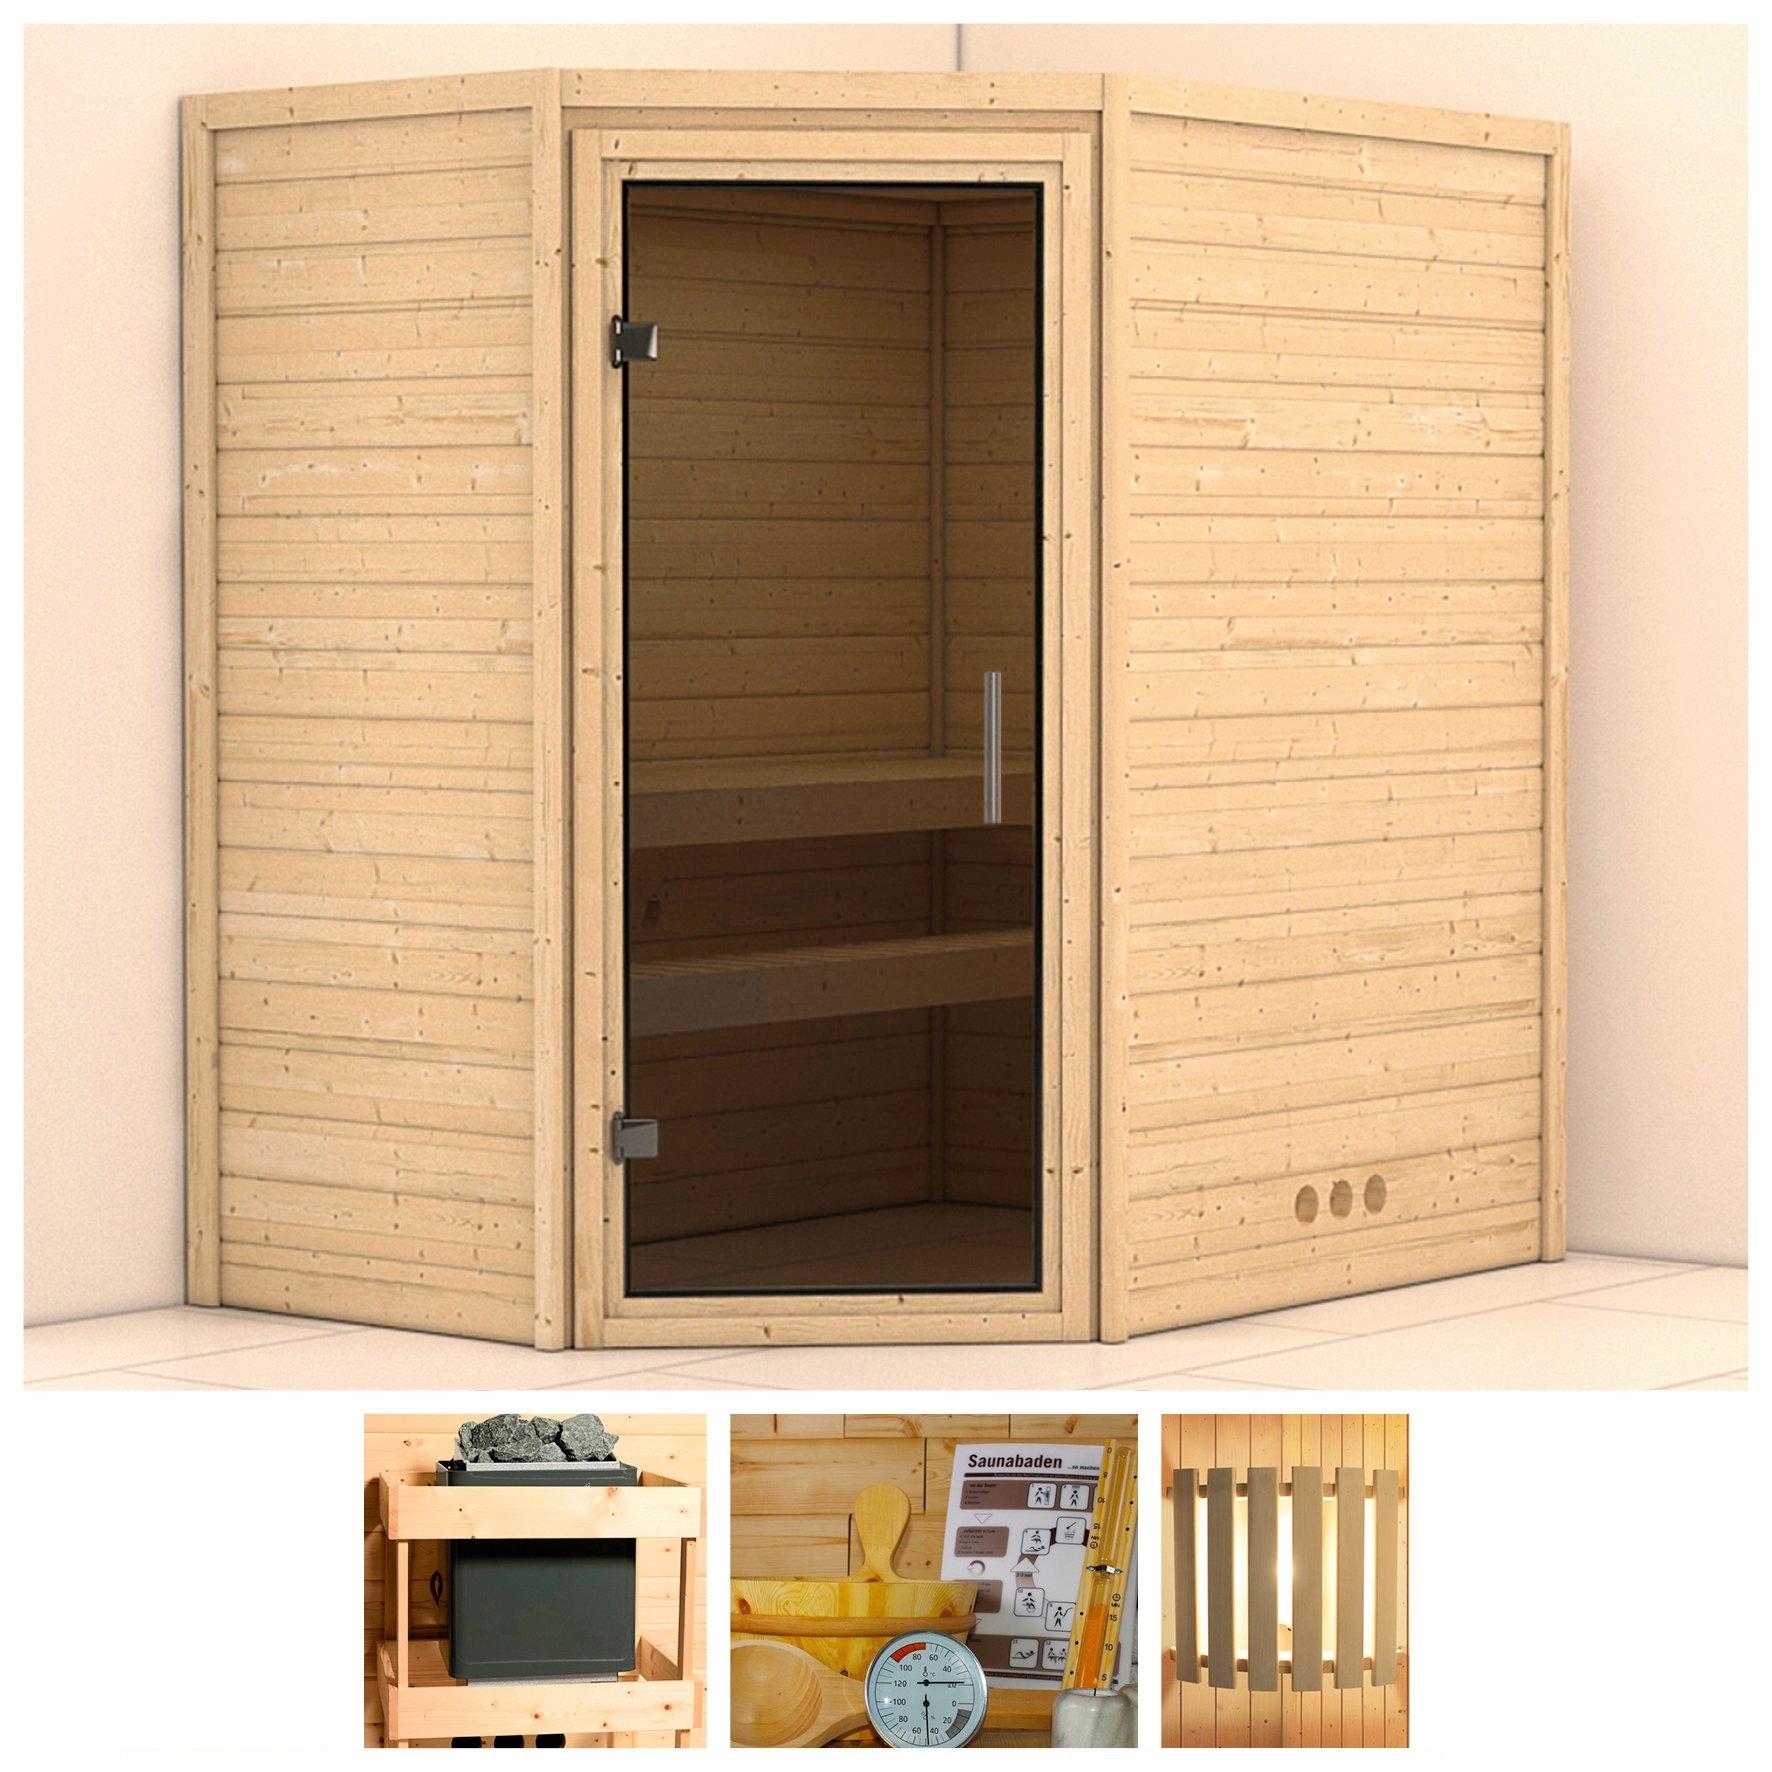 Konifera sauna »Svea«, 196/146/200 cm, ohne Ofen, Glastür grafit nu online bestellen